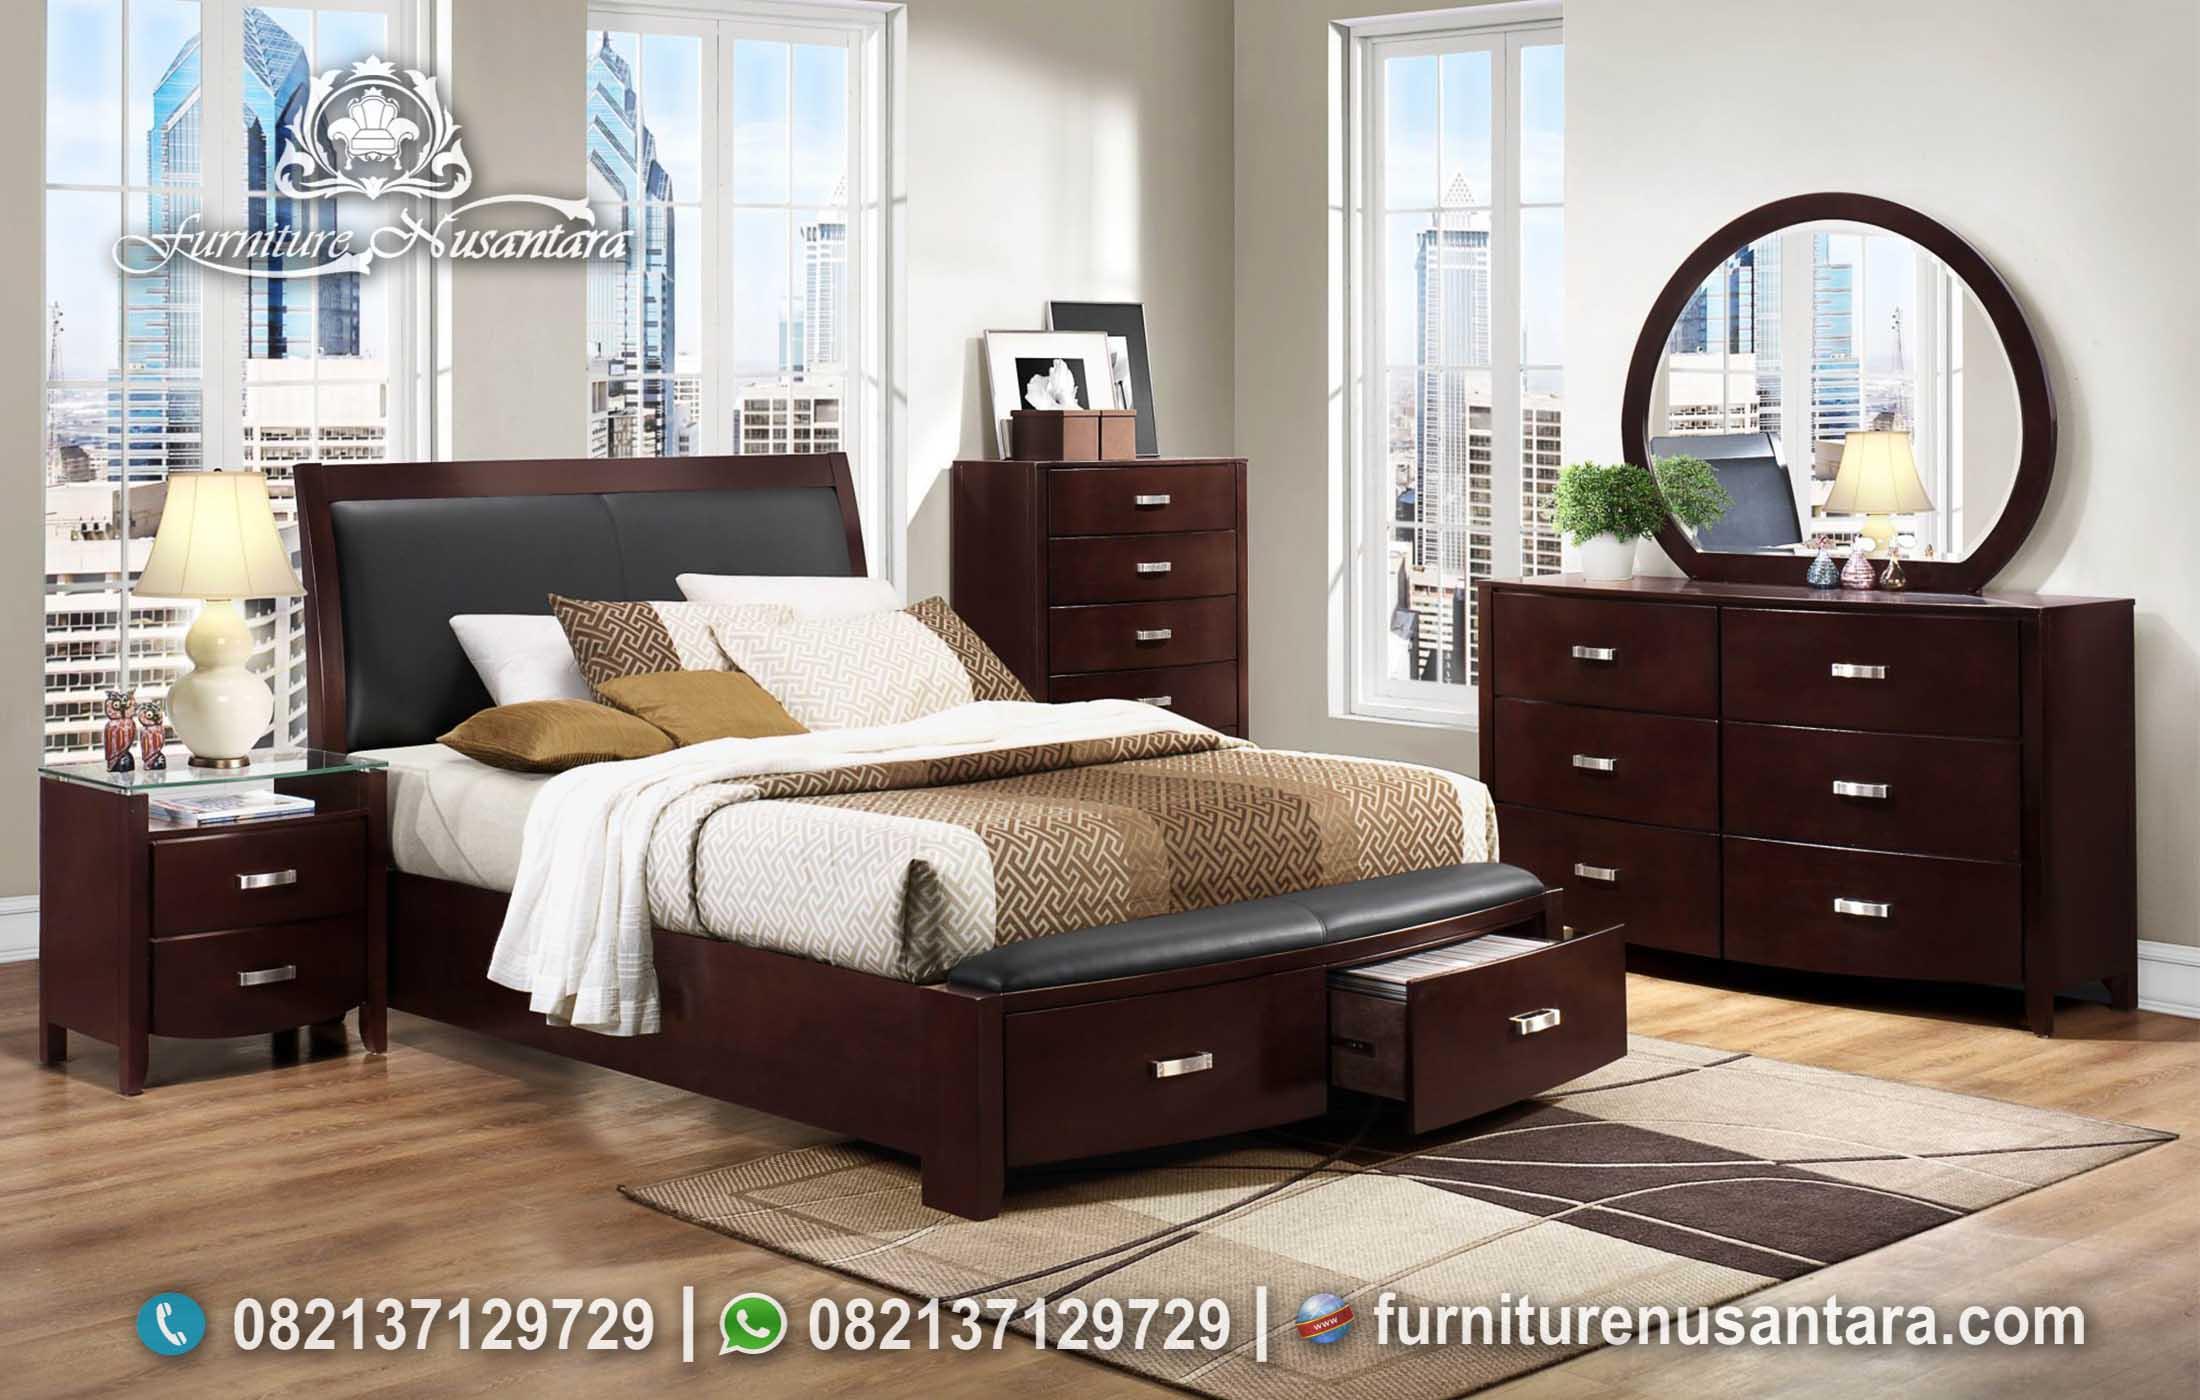 Kamar Minimalis Modern Model Terbaru KS-202, Furniture Nusantara